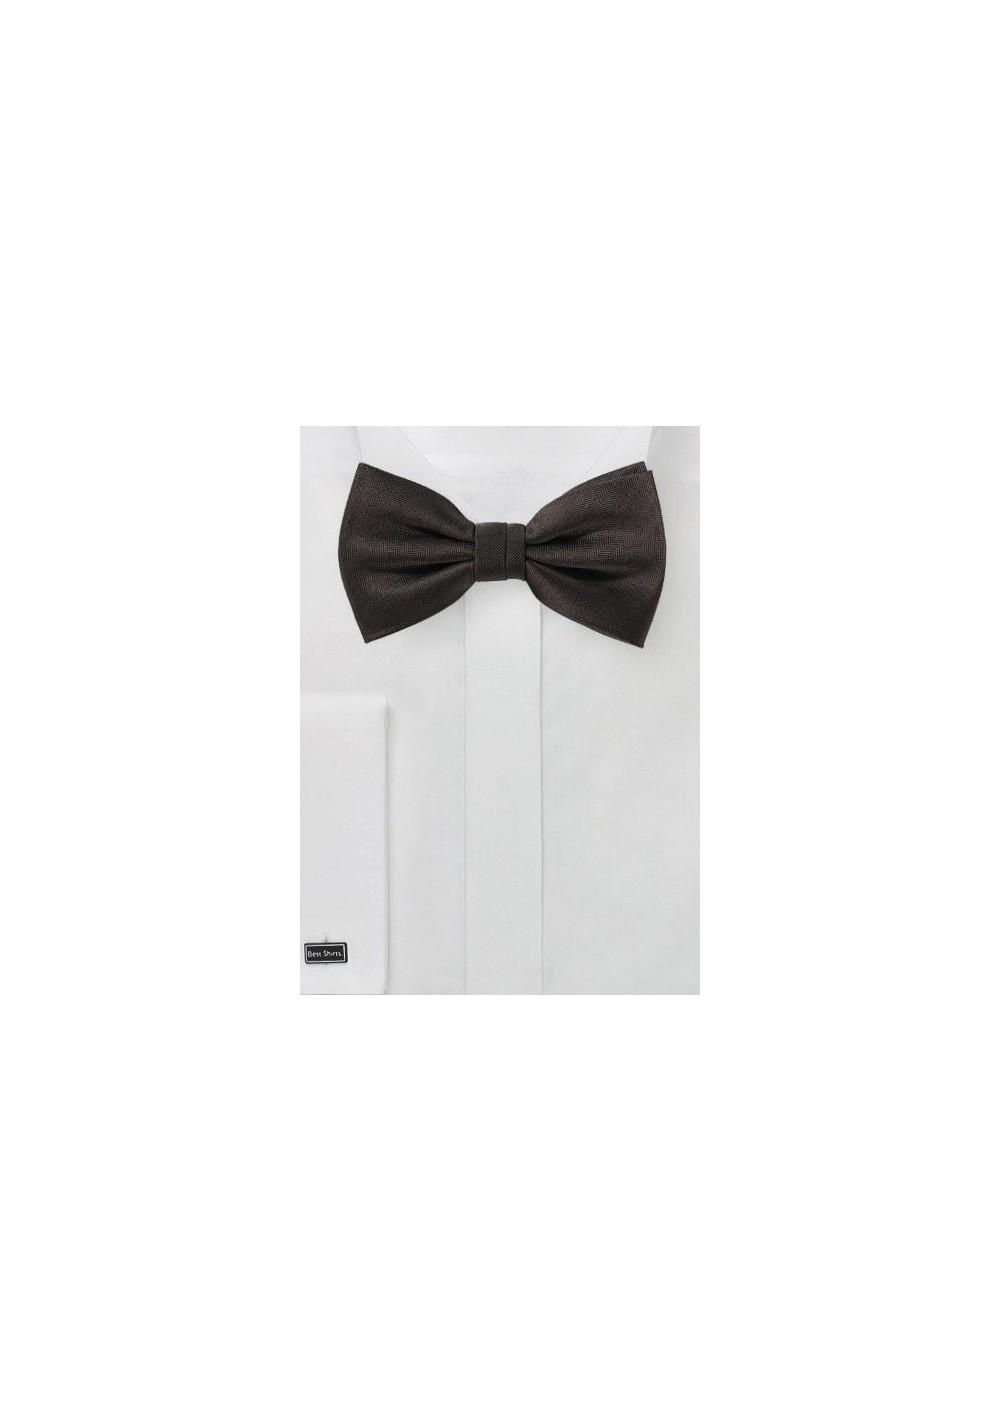 Dark Coco Brown Bow Tie